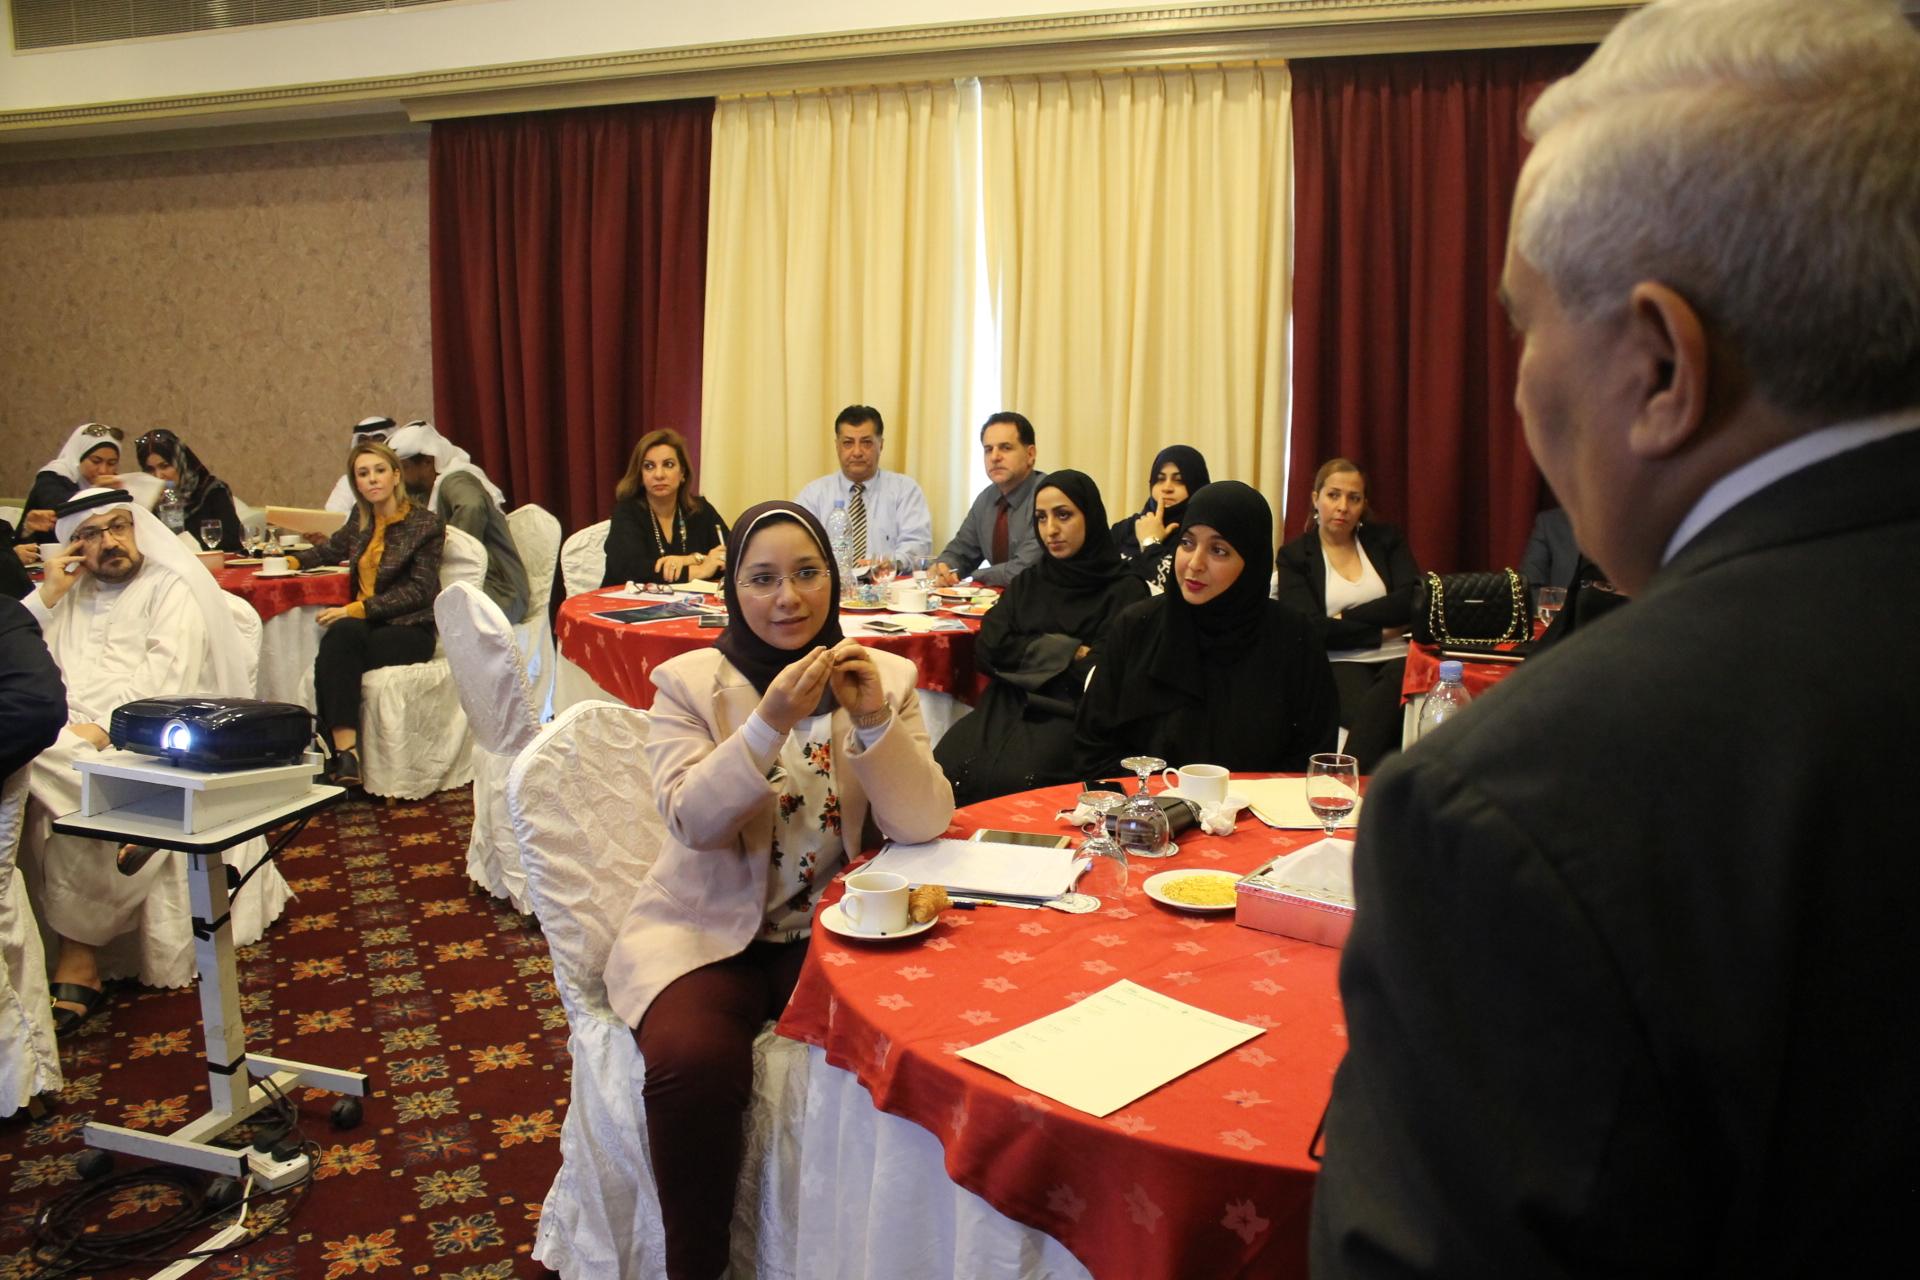 المركز الأوروبي لدراسات مكافحة الإرهاب والإستخبارات يحصل على عضوية رابطة الباحث العلمي العربي